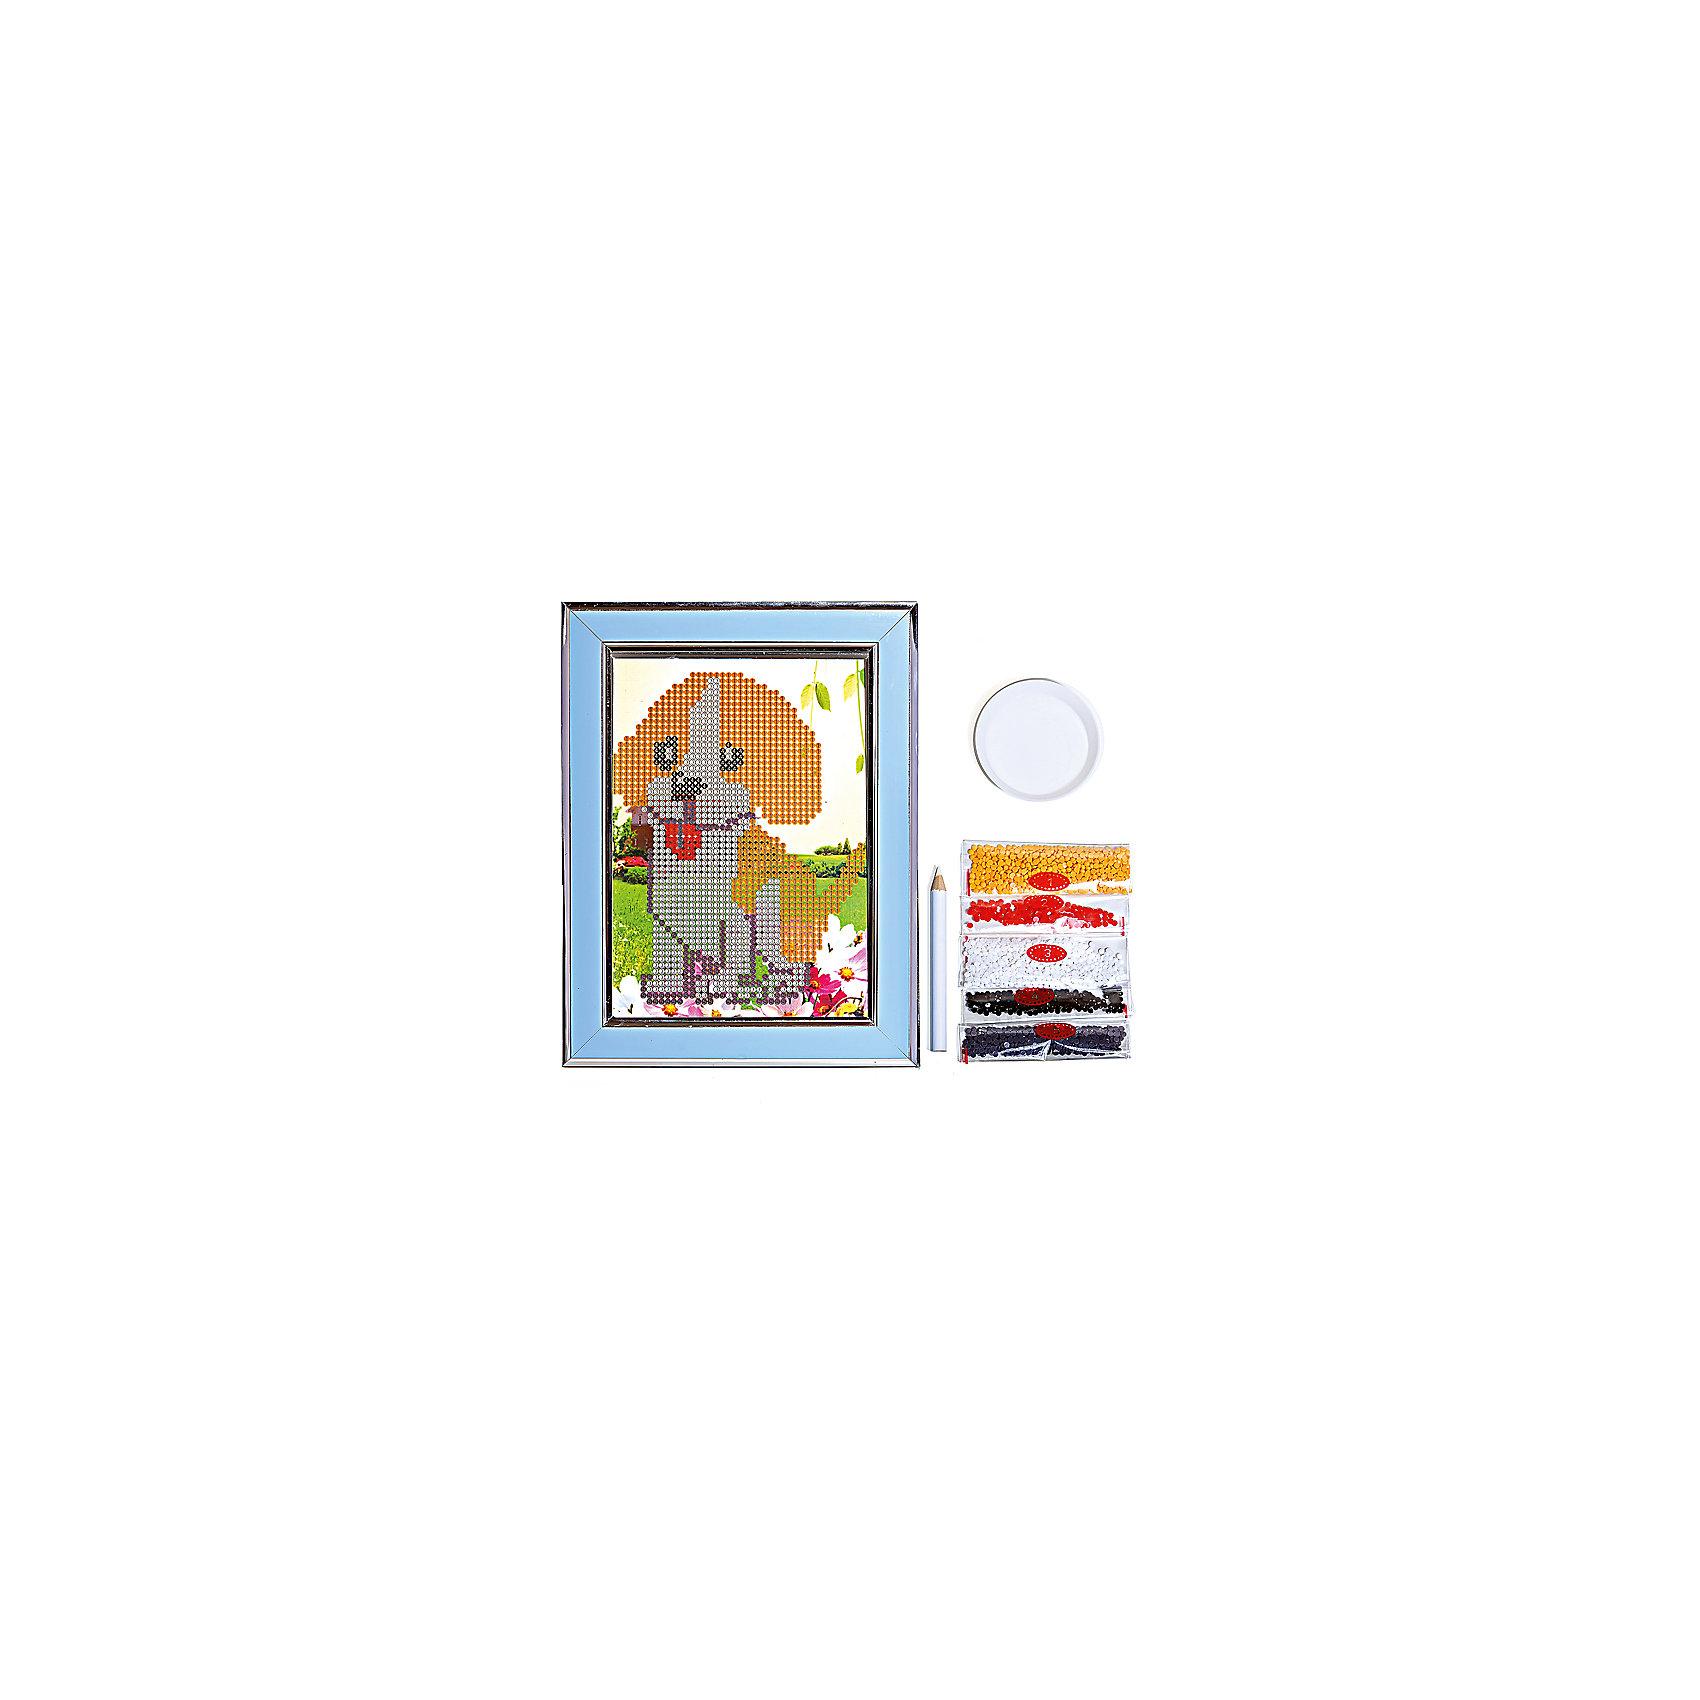 Мозаичная картина ЩенокМозаика детская<br>Мозаичная картина Щенок.<br><br>Характеристика: <br><br>• Материал: картон, пластик, клей. <br>• Размер картинки: 17х21 см. <br>• Размер мозаичного элемента: 2,5 мм. <br>• Комплектация: контейнер для элементов мозаики, мозаичные элементы, специальный клеевой карандаш, трафарет со схемой рисунка, декоративная пластиковая рамка с оргстеклом. <br>• Яркие, насыщенные цвета. <br>• Отлично развивает моторику рук, внимание, мышление и воображение. <br><br>Создание картины из мозаики - увлекательное и полезное занятие, в процессе которого ребенок сможет развить моторику рук, внимание, усидчивость, цветовосприятие и воображение. В этом наборе уже есть все для создания маленького шедевра! Нужно лишь приклеить мозаичные элементы на основу с нанесенным контуром - и яркая картинка готова.<br><br>Мозаичную картину Щенок можно купить в нашем магазине.<br><br>Ширина мм: 200<br>Глубина мм: 225<br>Высота мм: 30<br>Вес г: 250<br>Возраст от месяцев: 84<br>Возраст до месяцев: 144<br>Пол: Унисекс<br>Возраст: Детский<br>SKU: 5417614